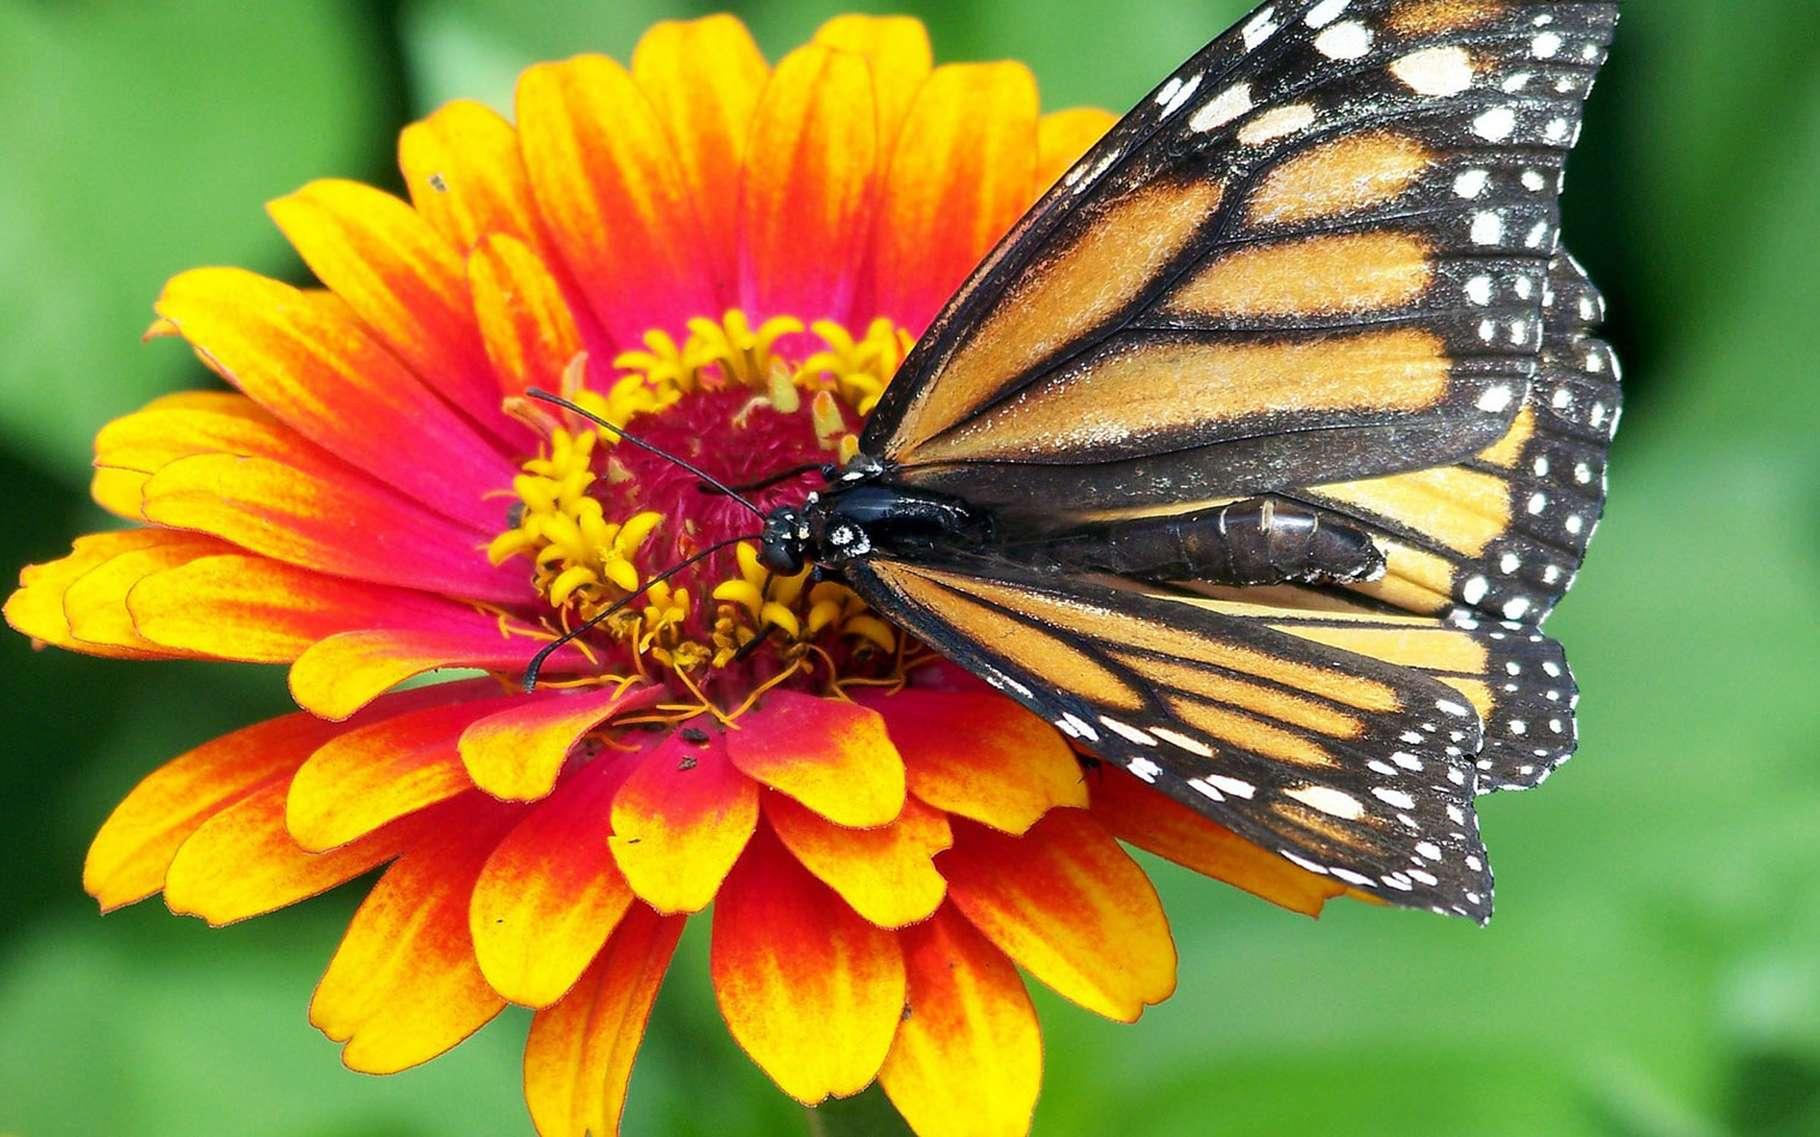 Biodiversité : le rôle des insectes pollinisateurs